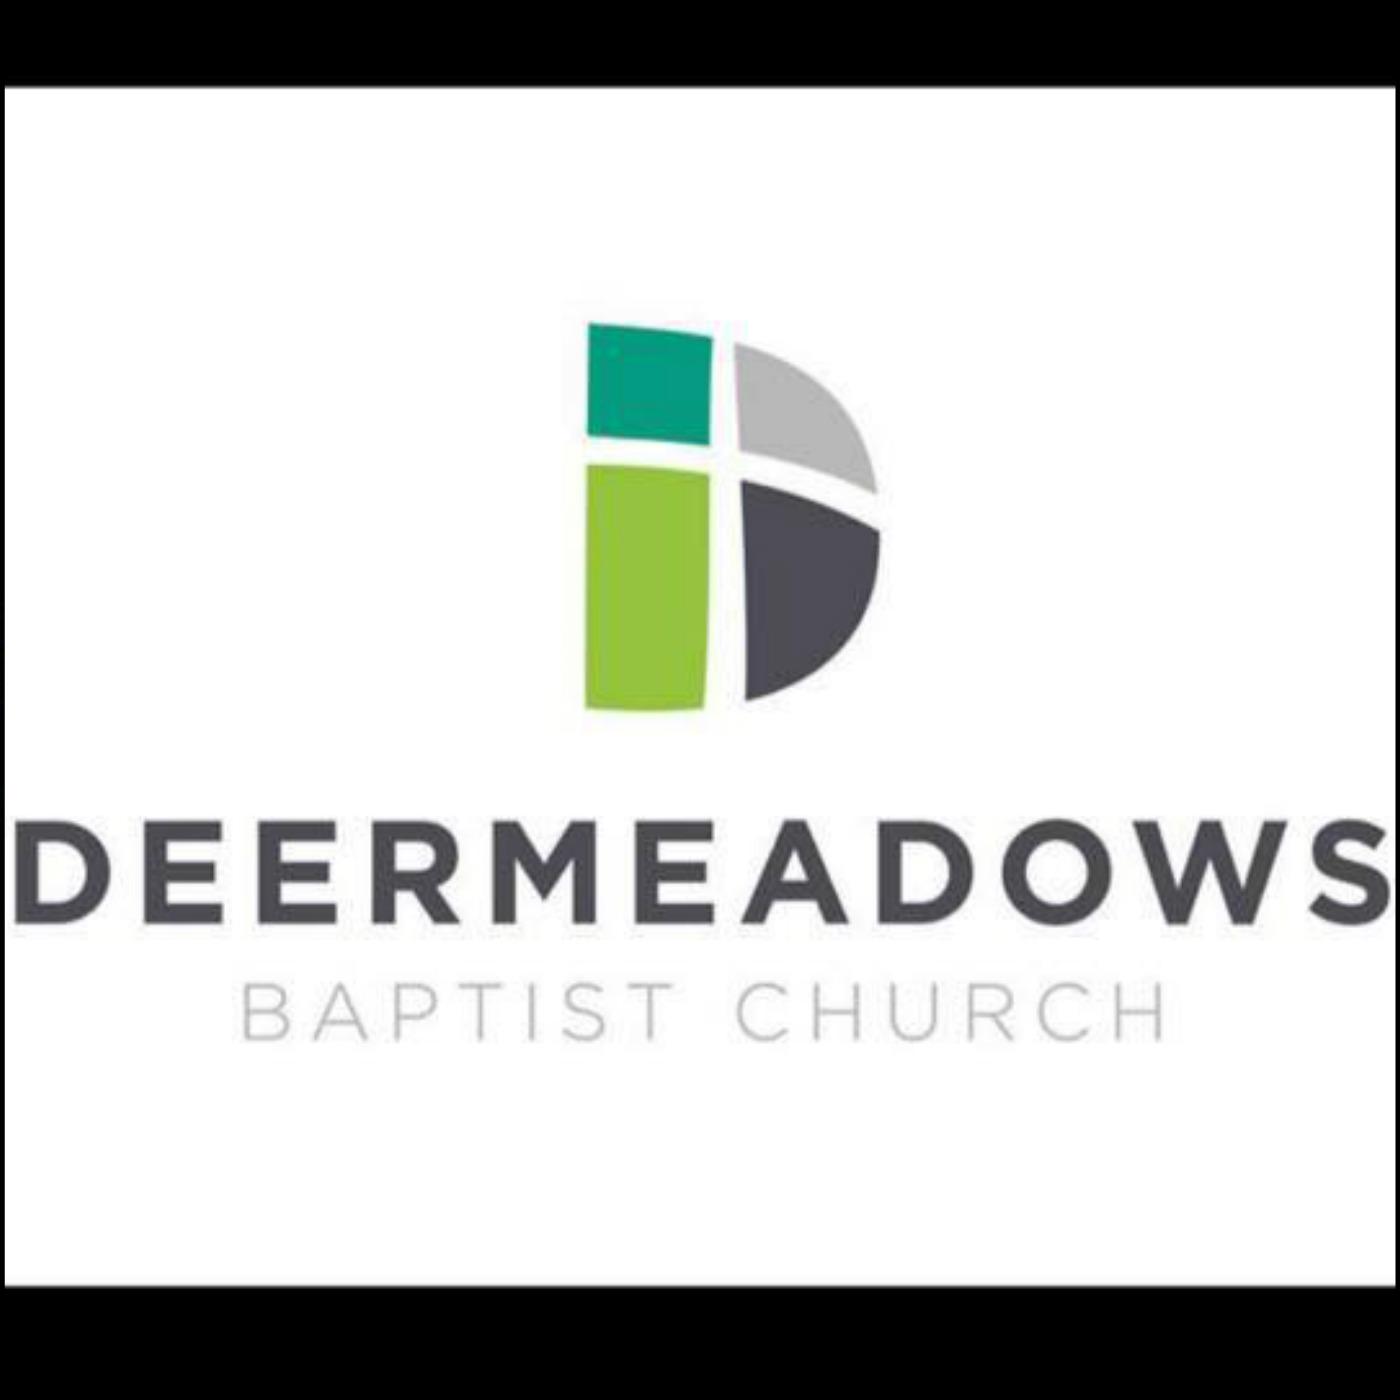 Deermeadows